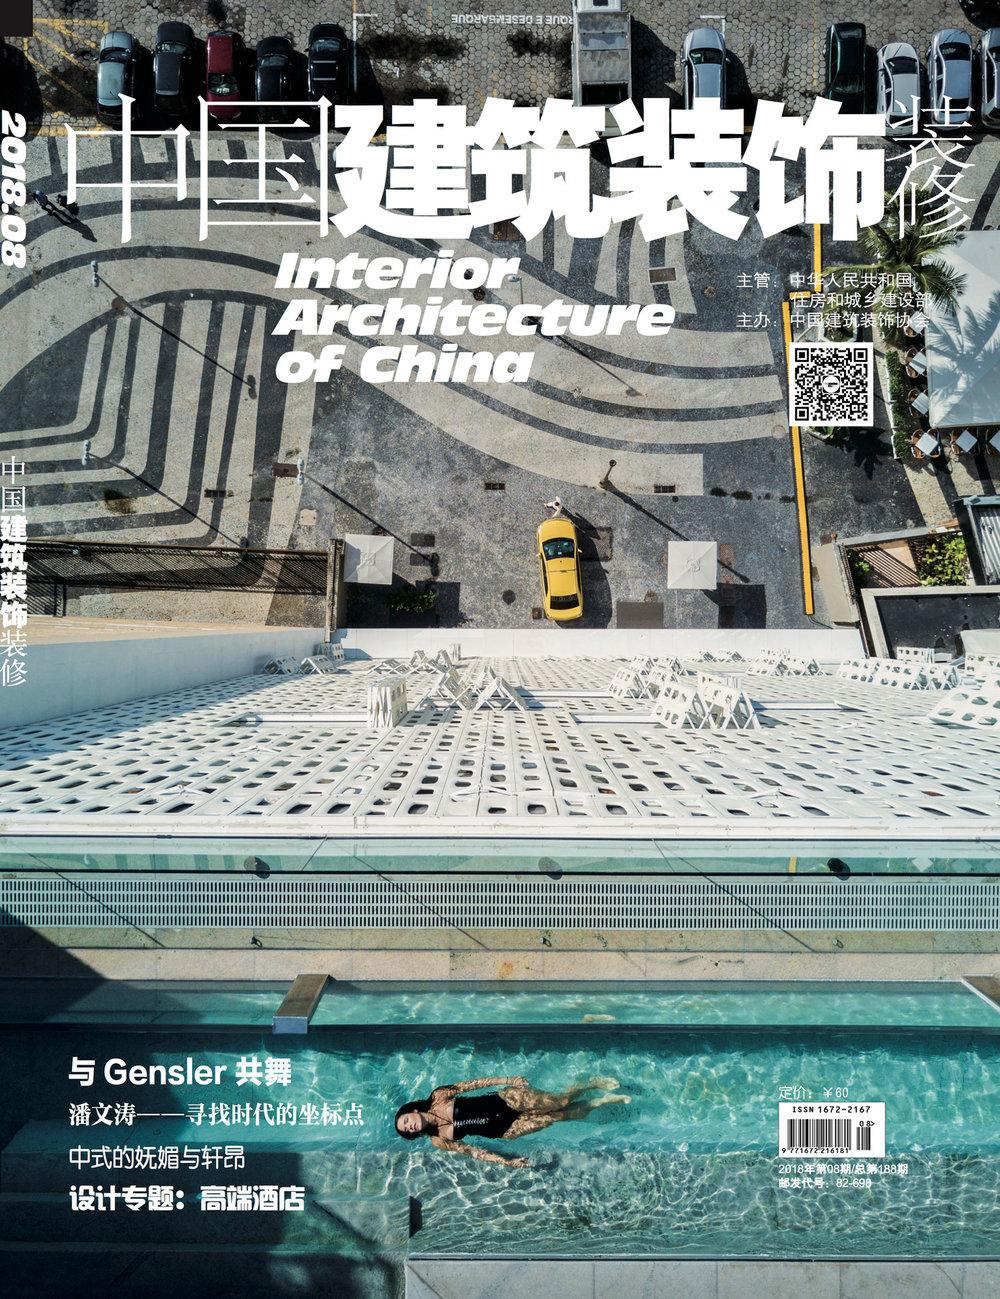 Interior-Architecture-of-China_No.-188_Aug-2018_P90-97-1.jpg